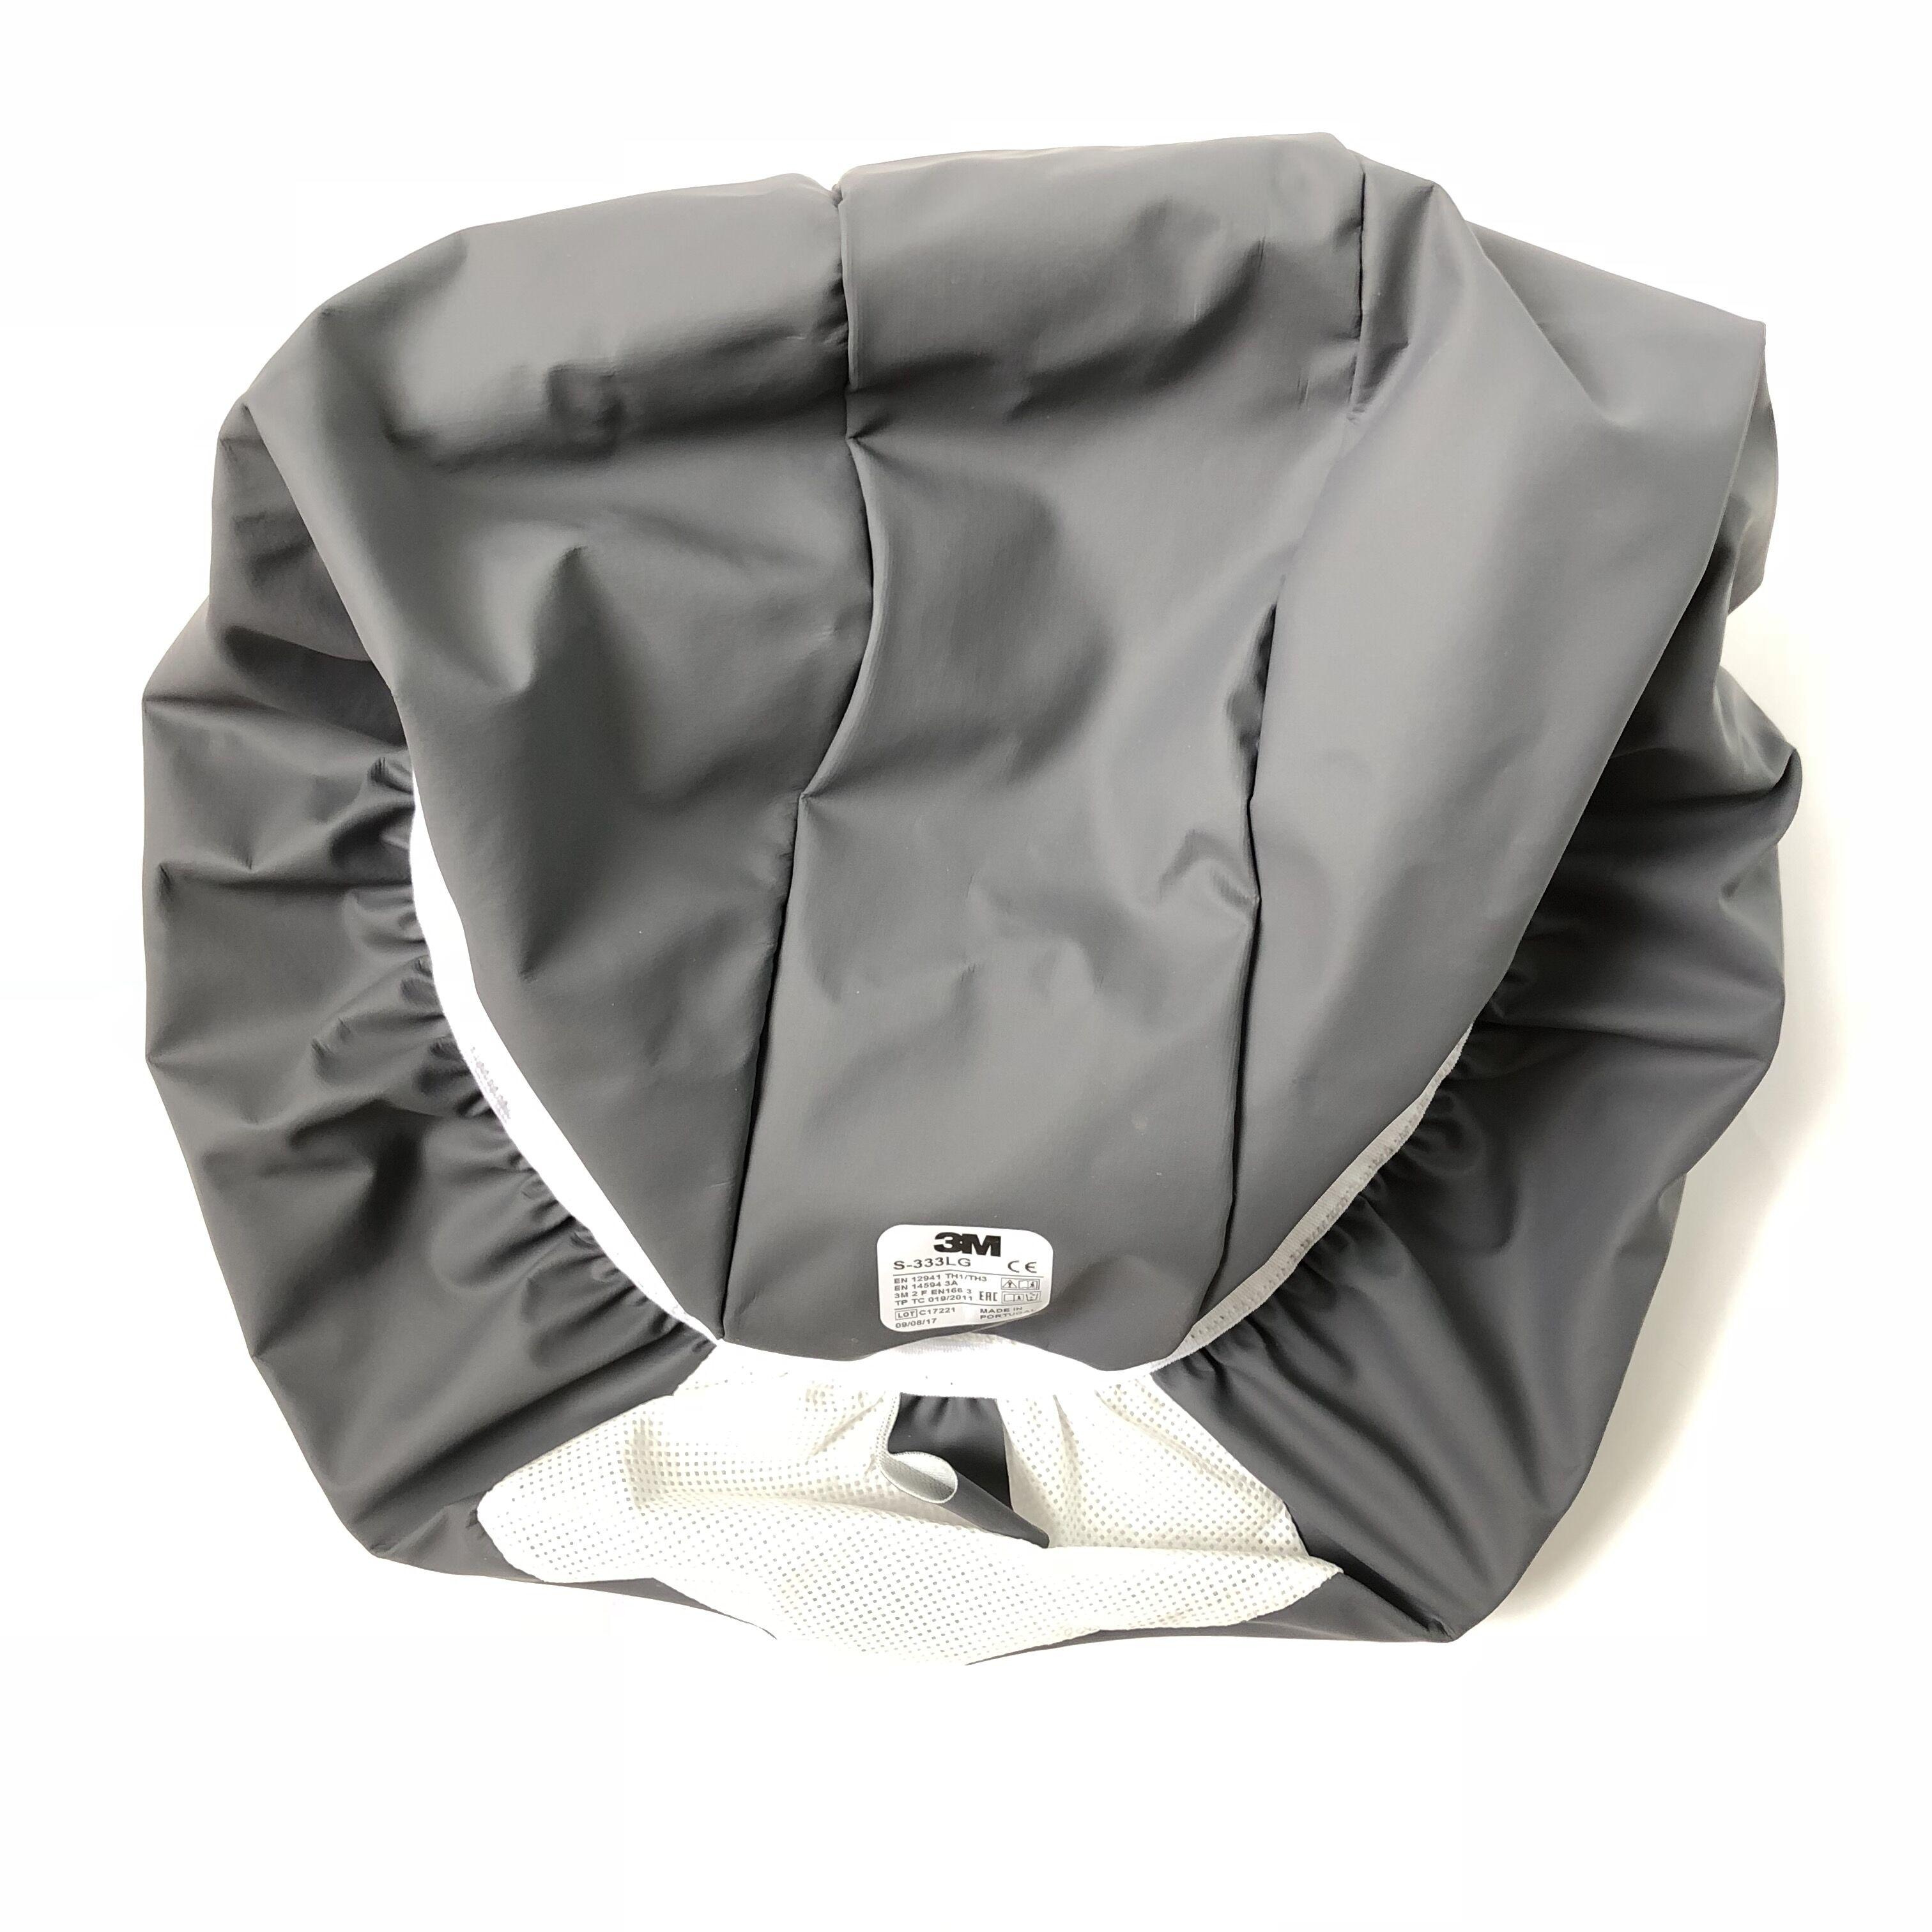 3M S-333L固定式头罩(软材质)